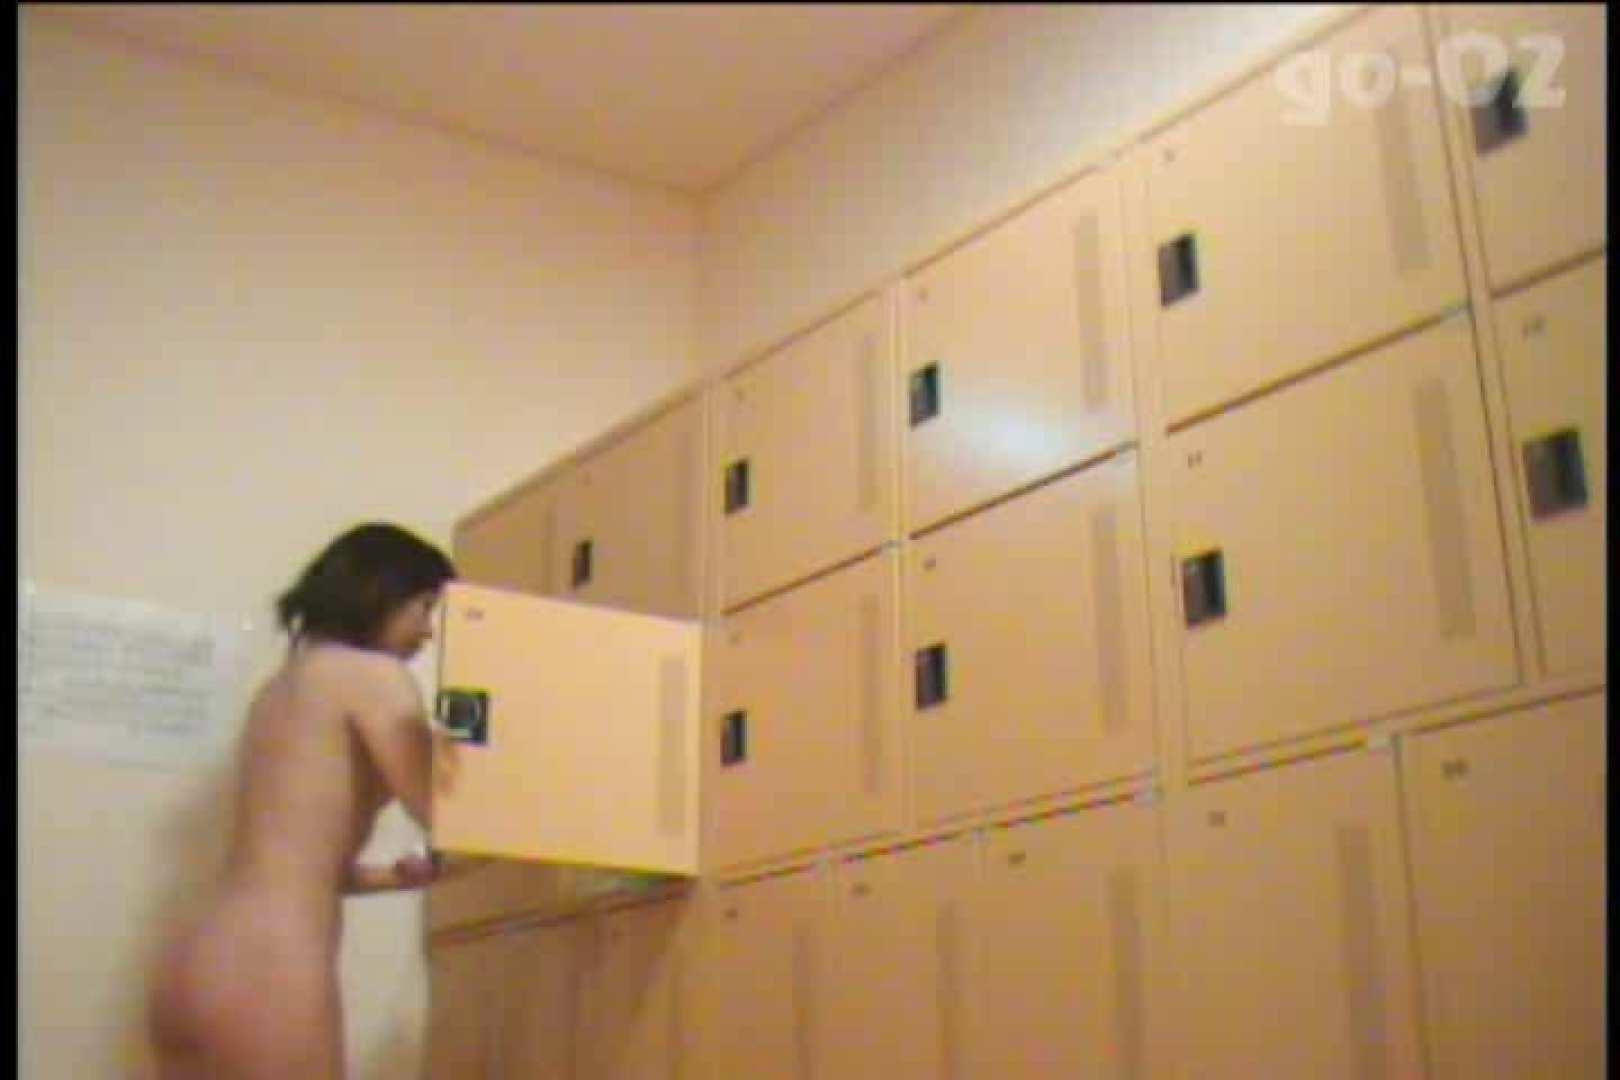 電波カメラ設置浴場からの防HAN映像 Vol.02 盛合せ ワレメ動画紹介 75画像 3